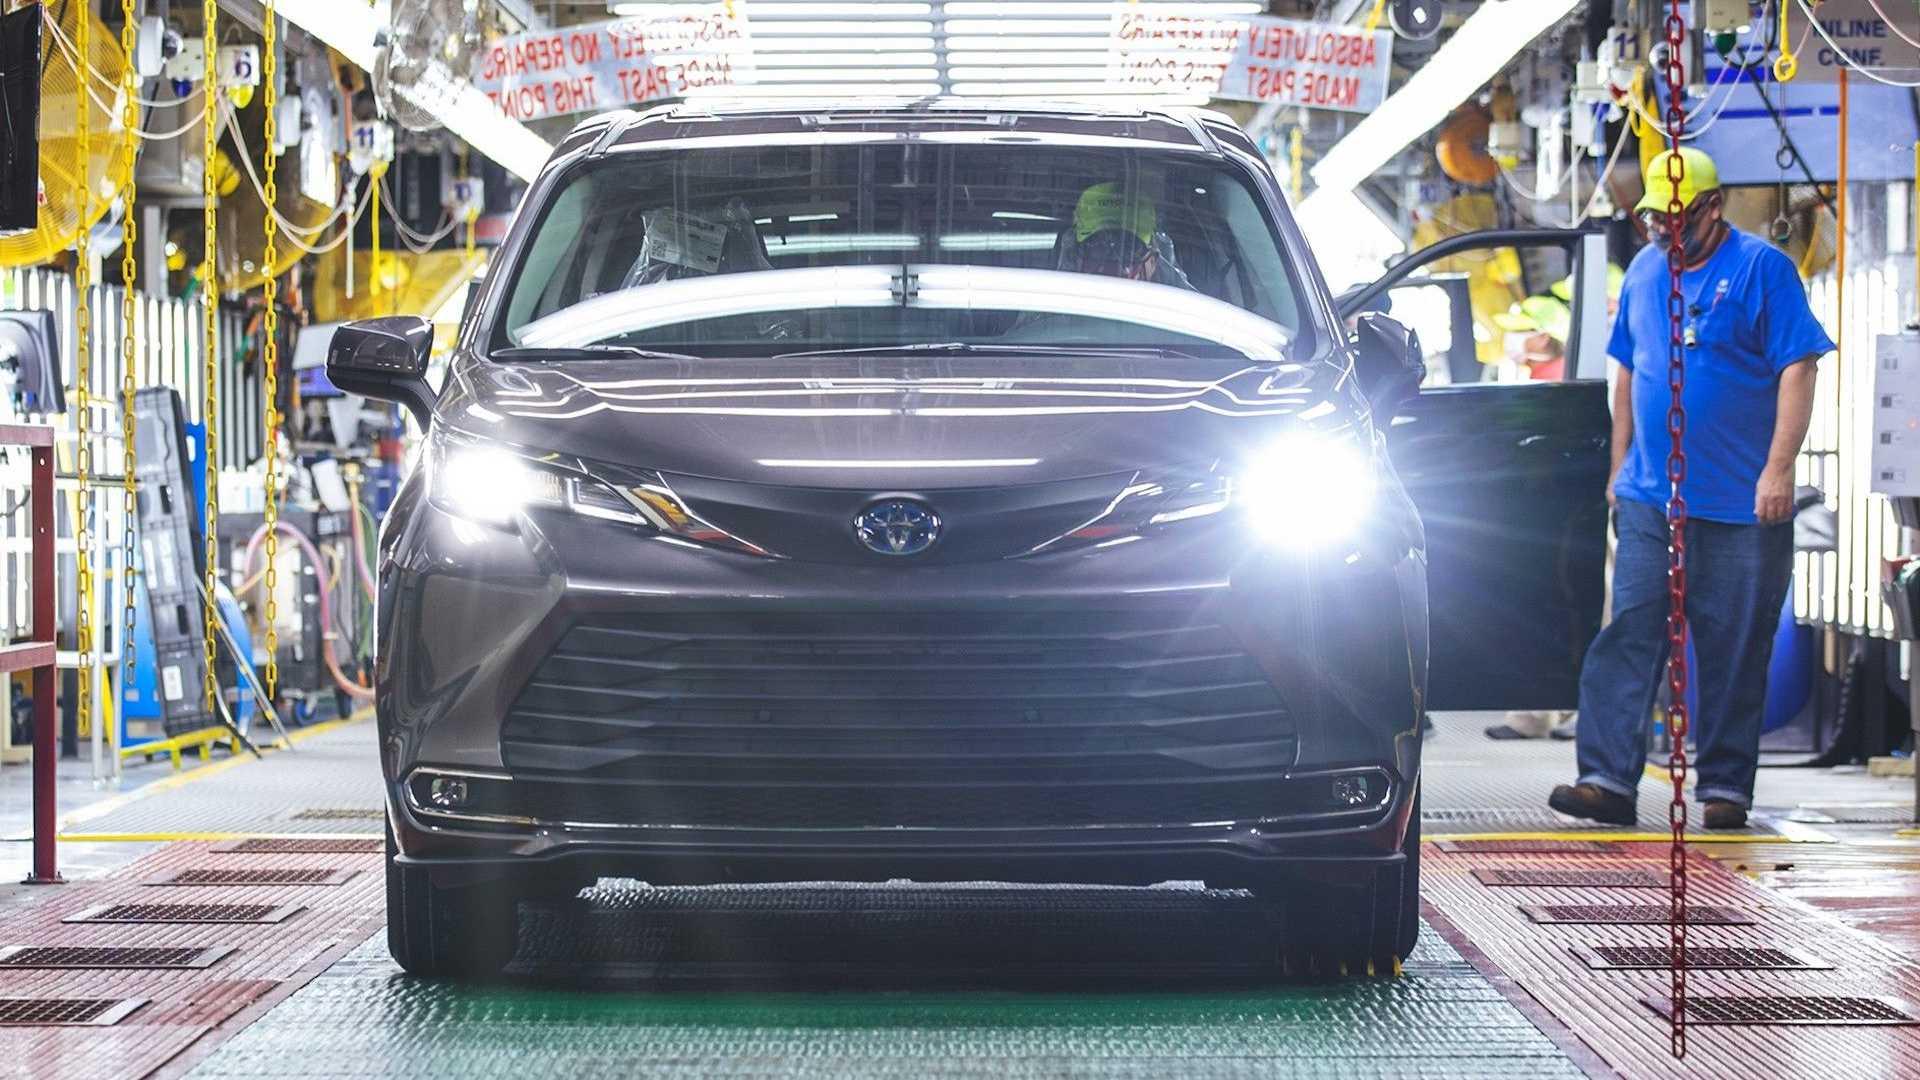 تویوتا رکورد تولید 30 میلیون خودرو در آمریکا را شکست